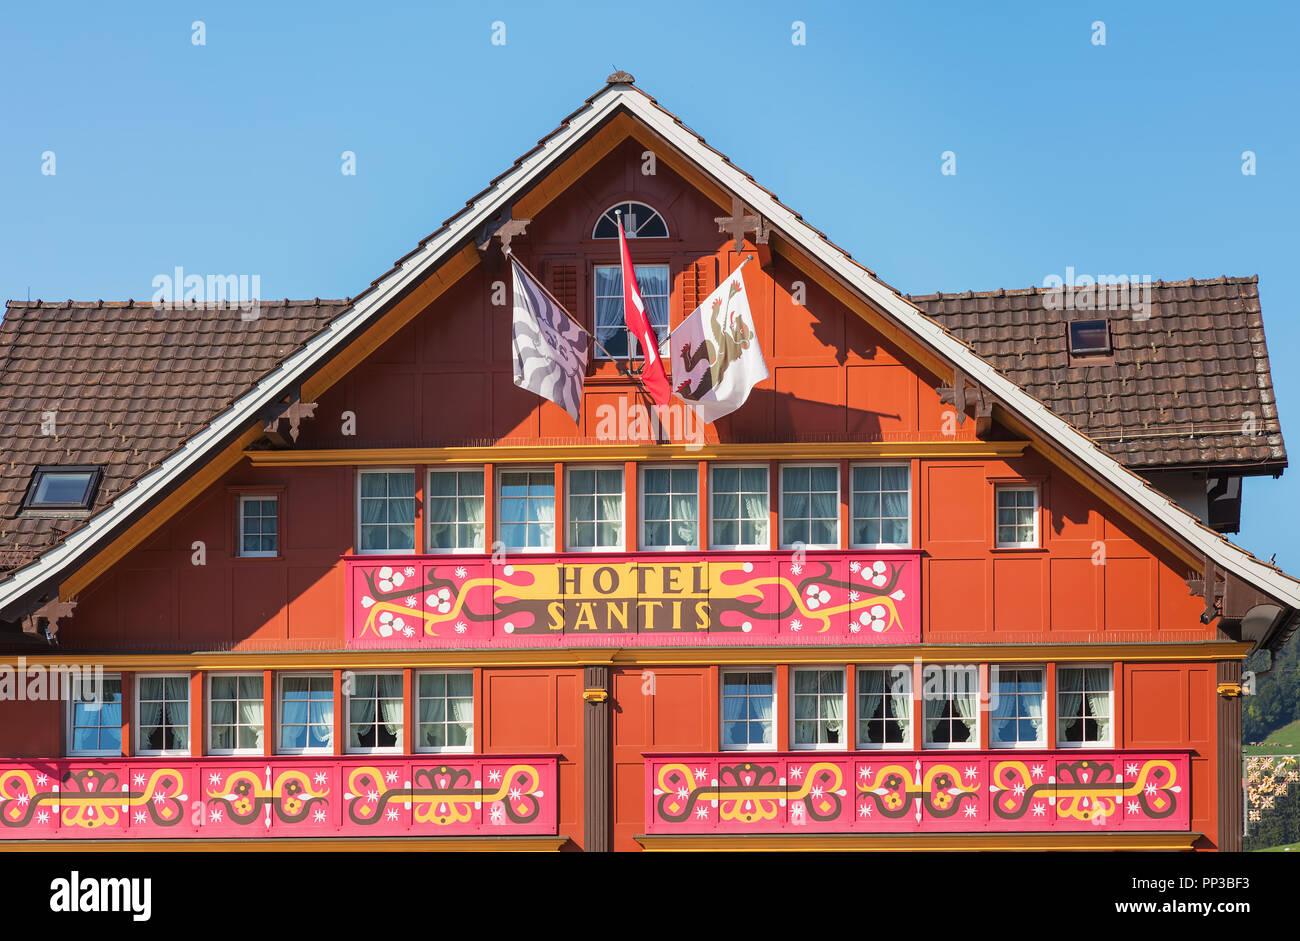 Appenzell, Schweiz - 20. September 2018: Der obere Teil des Gebäudes der Romantik-Hotel Santis in der Stadt Appenzell, Blick von der Landsgemeinde Stockbild